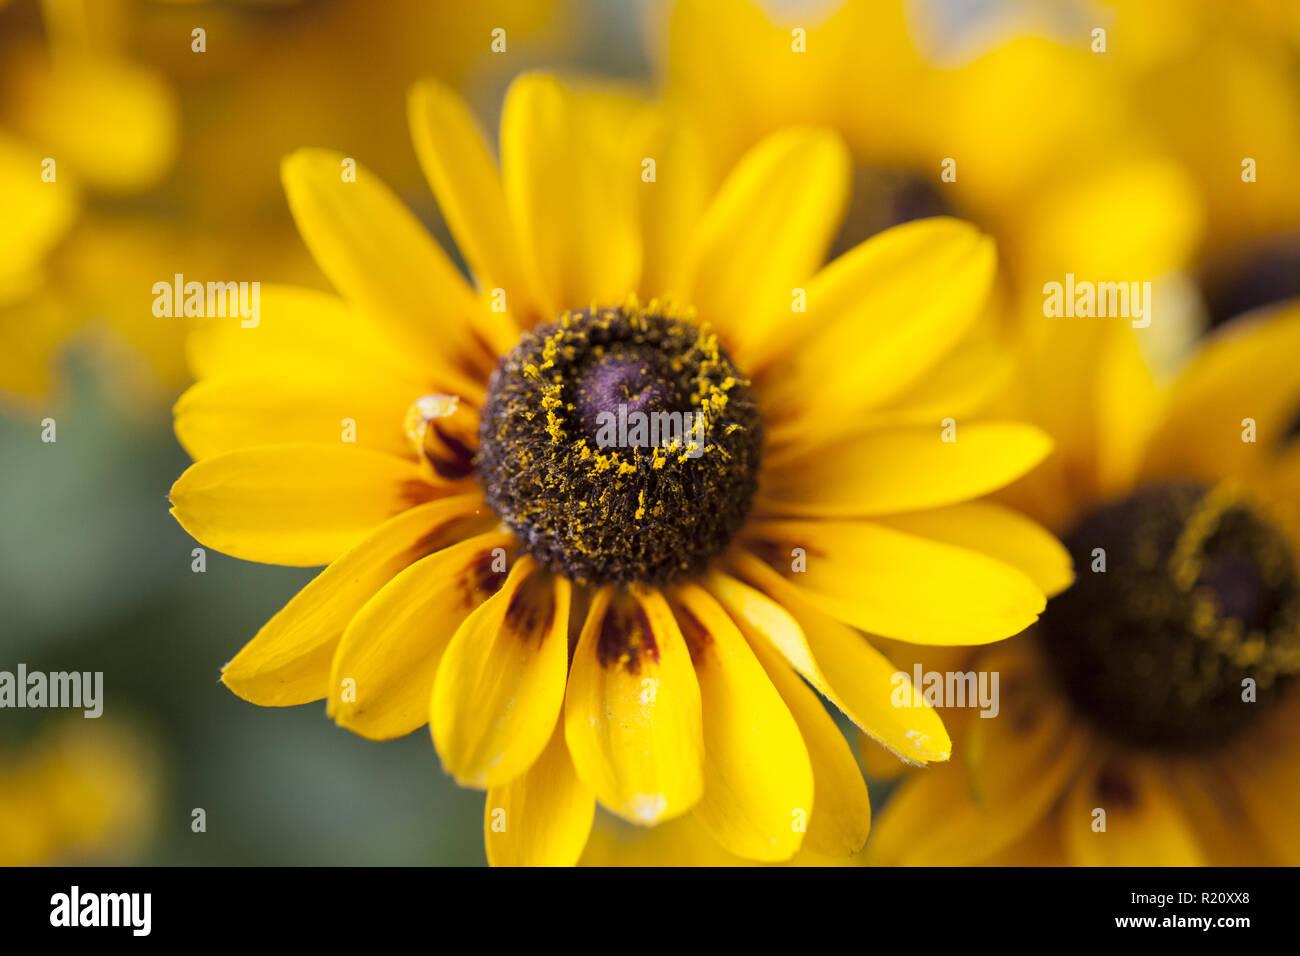 Hermosa Flor Amarilla con fondo difuminado cerrar Foto de stock